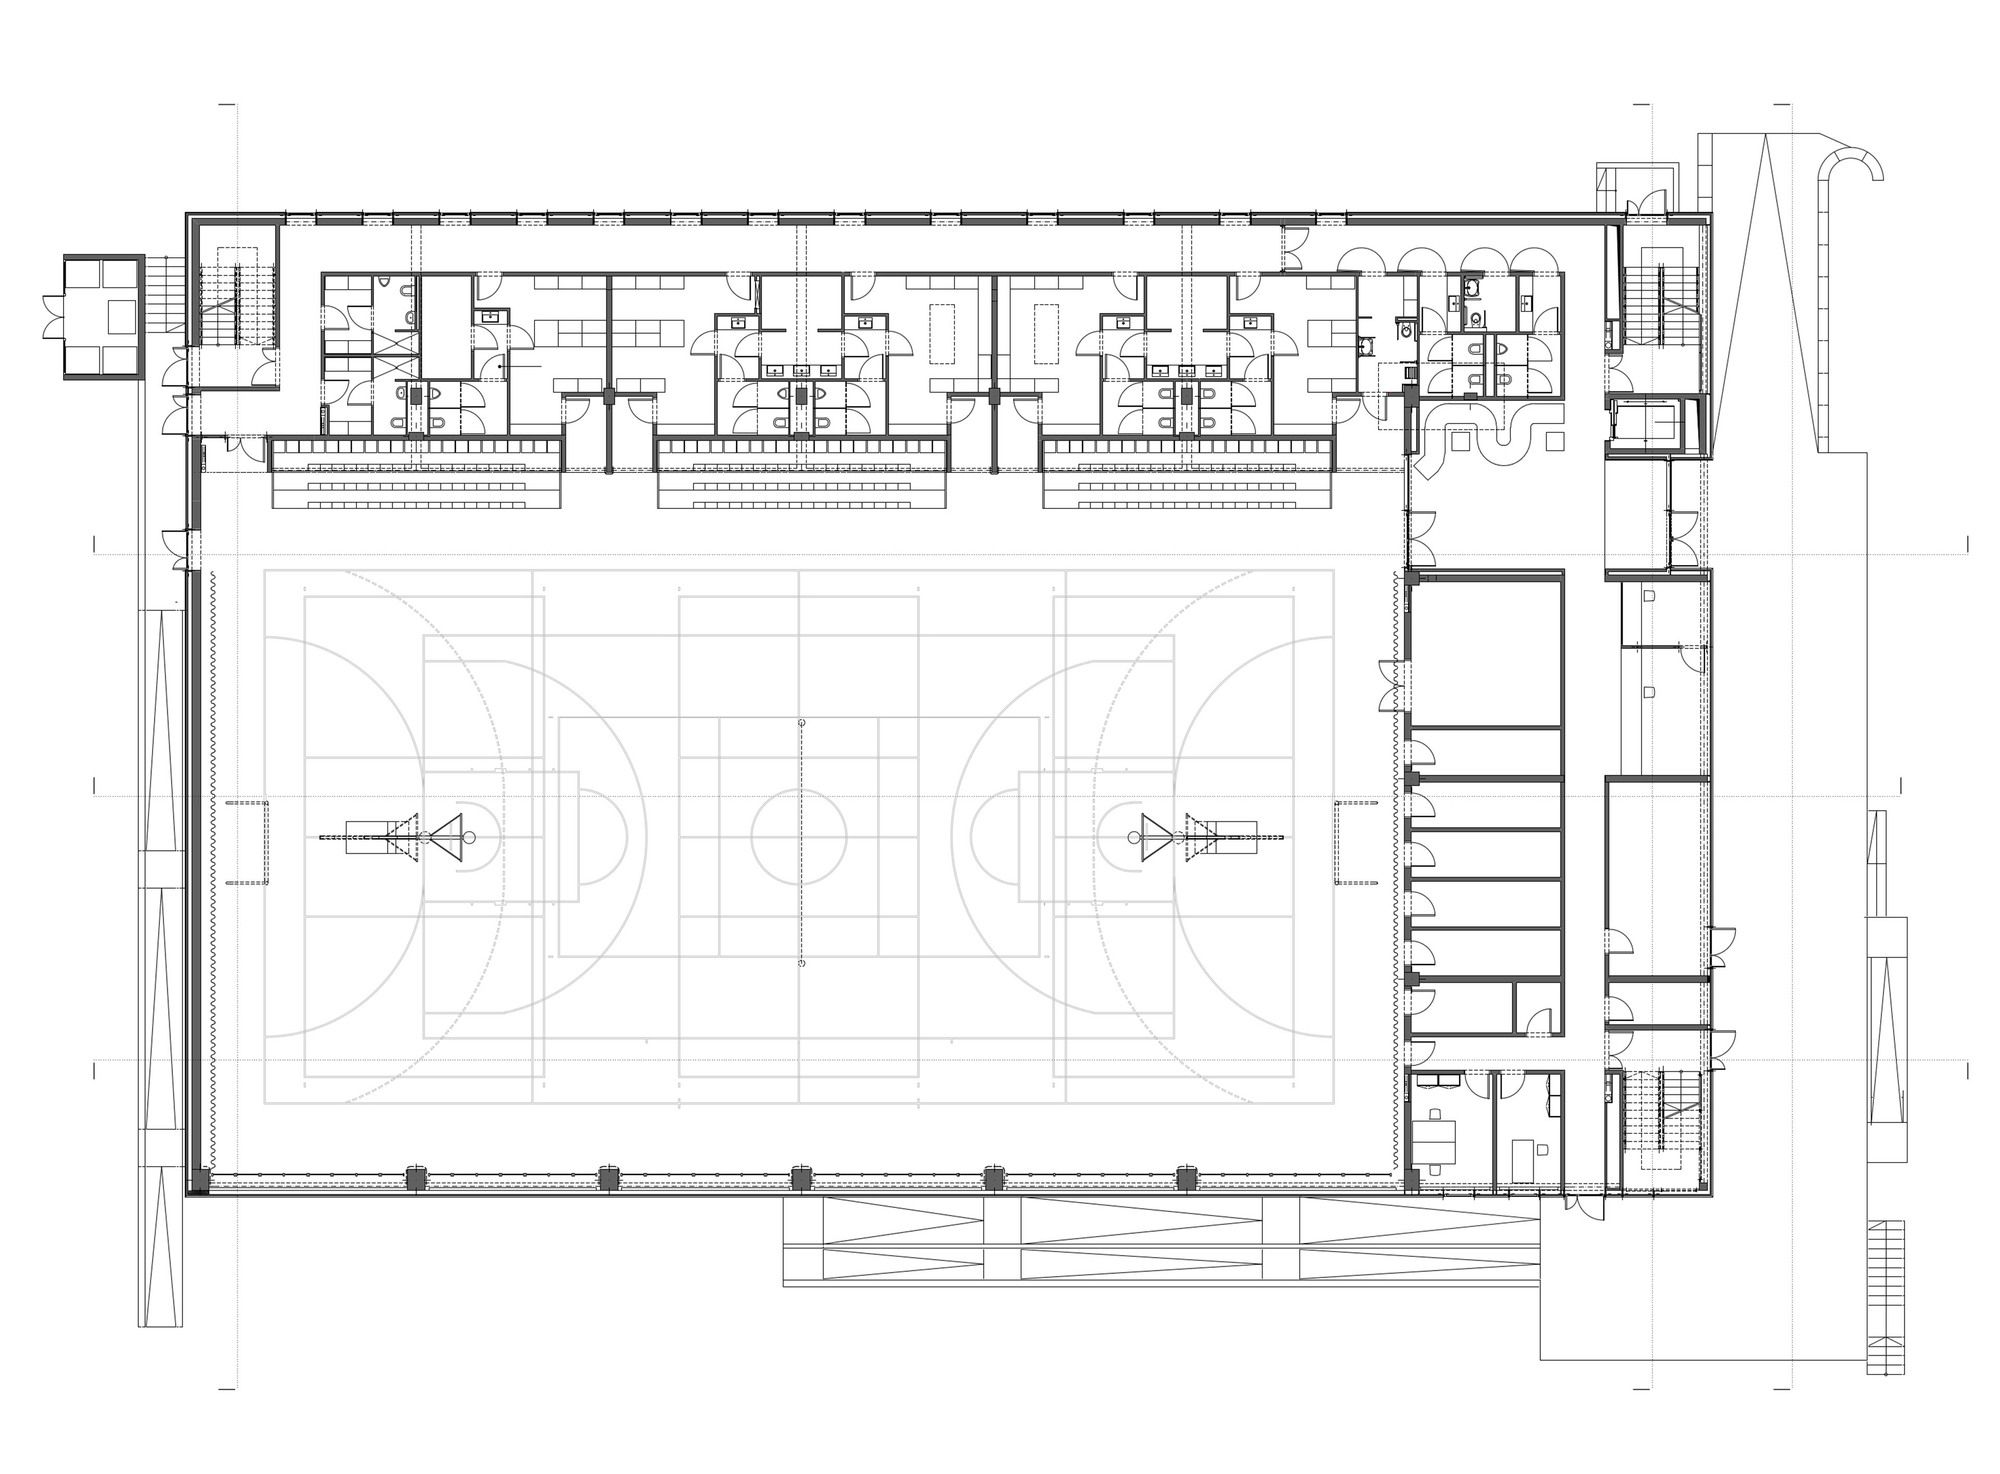 Imagen 37 De 40 De La Galeria De Centro Deportivo En Poznan Neostudio Architekci Planta Baja Centro Deportivo Poznan Arquitectura De Gimnasio